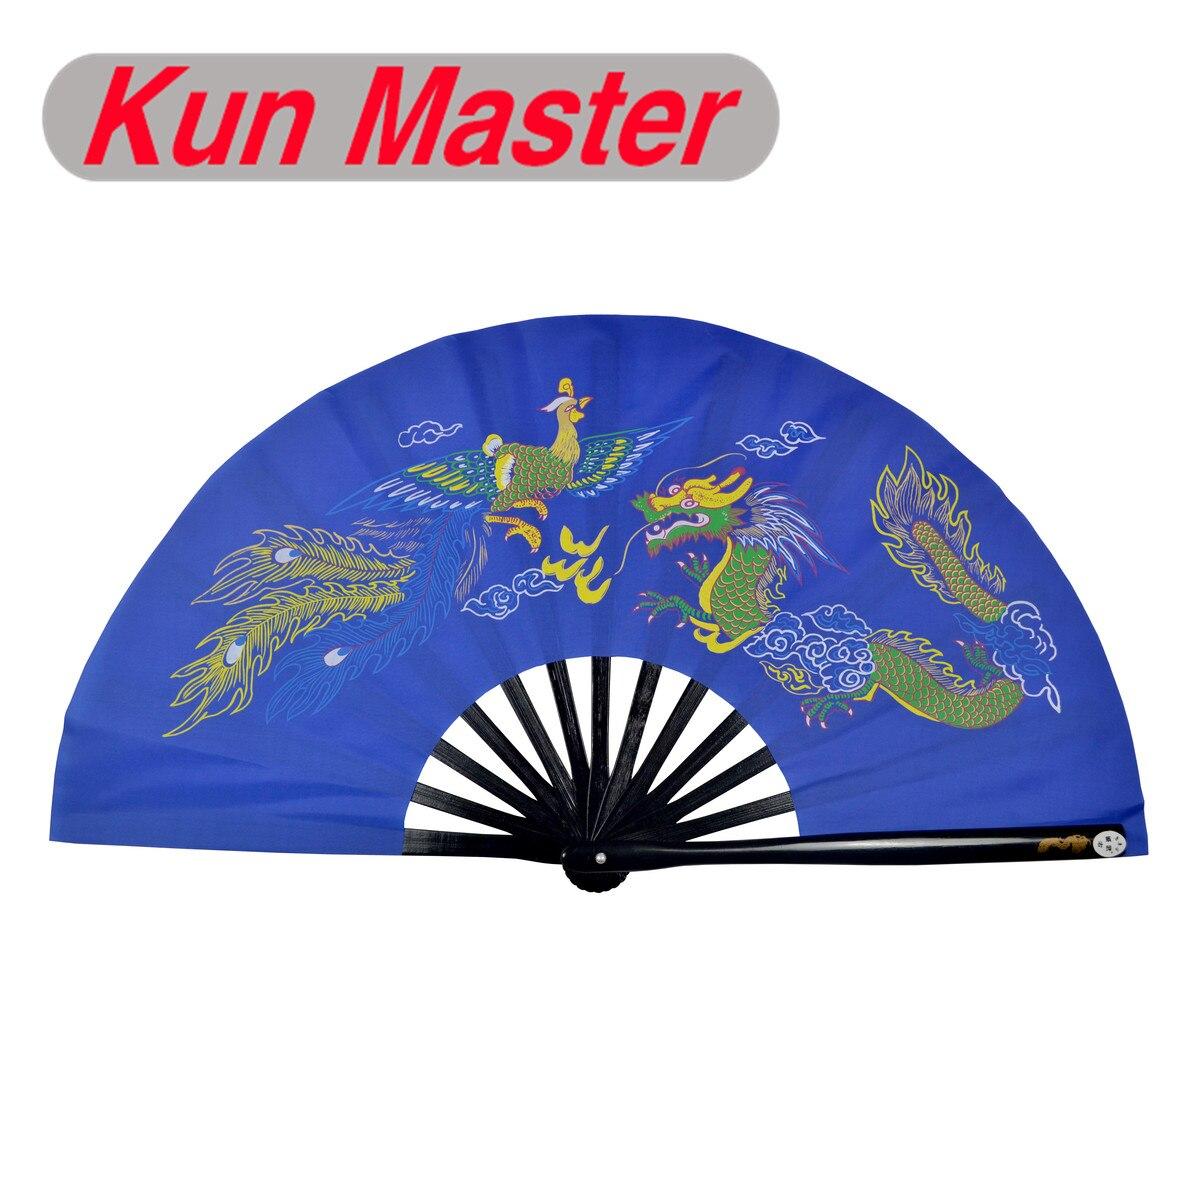 De bambú Kung Fu abanico de luchas de artes marciales práctica rendimiento Fan de Wu Shu Fan de dragón y Phoenix (azul) Trajes tradicionales chinos para hombres, Chaqueta de traje Tang Wu Shu Tai Chi Shaolin Kung Fu Wing Chun, camisa de manga larga, traje de ejercicios